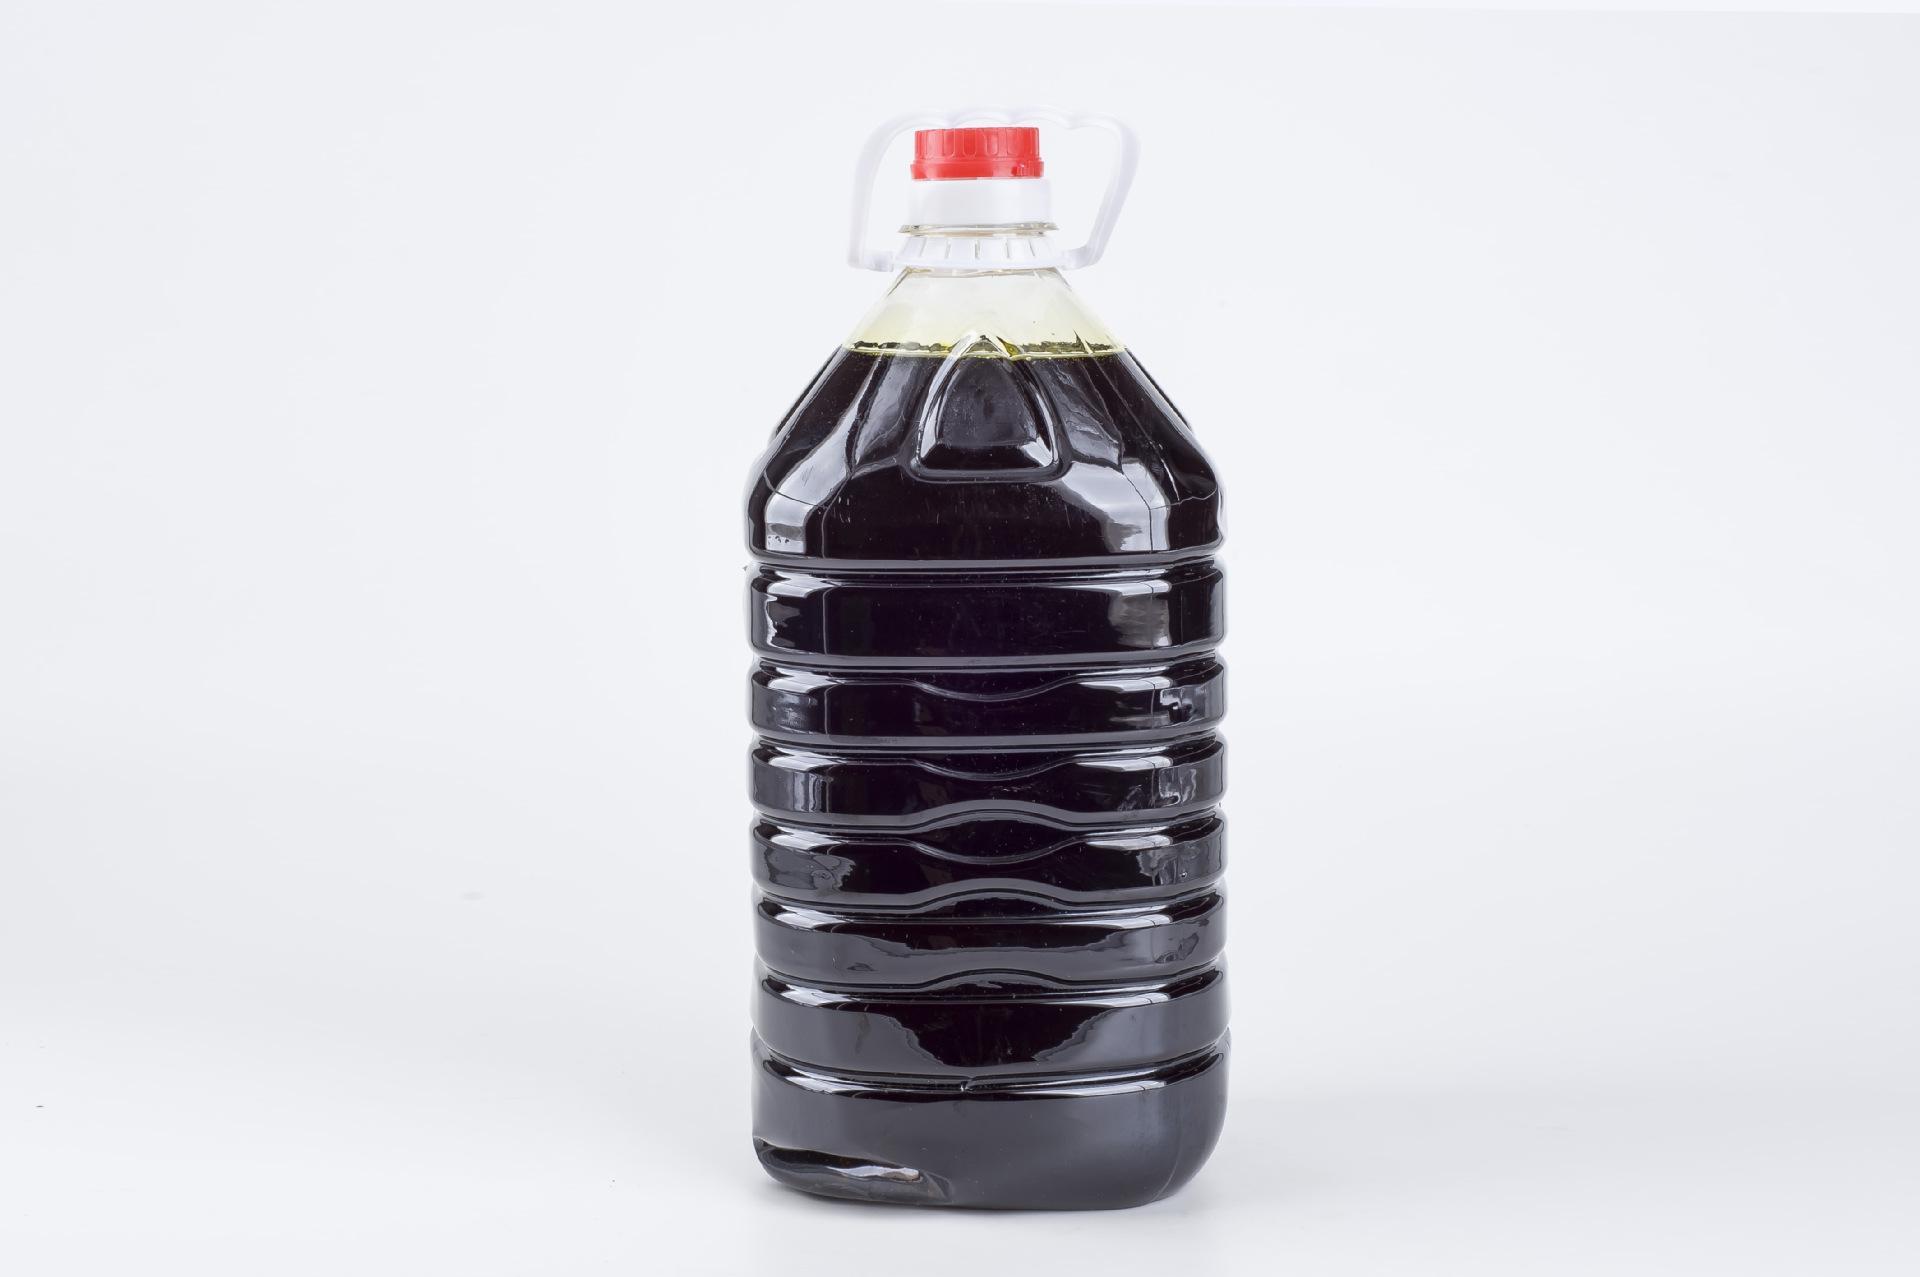 玉米油、花生油、菜籽油、肥猪肉油,哪种最有益?这篇文章告诉你